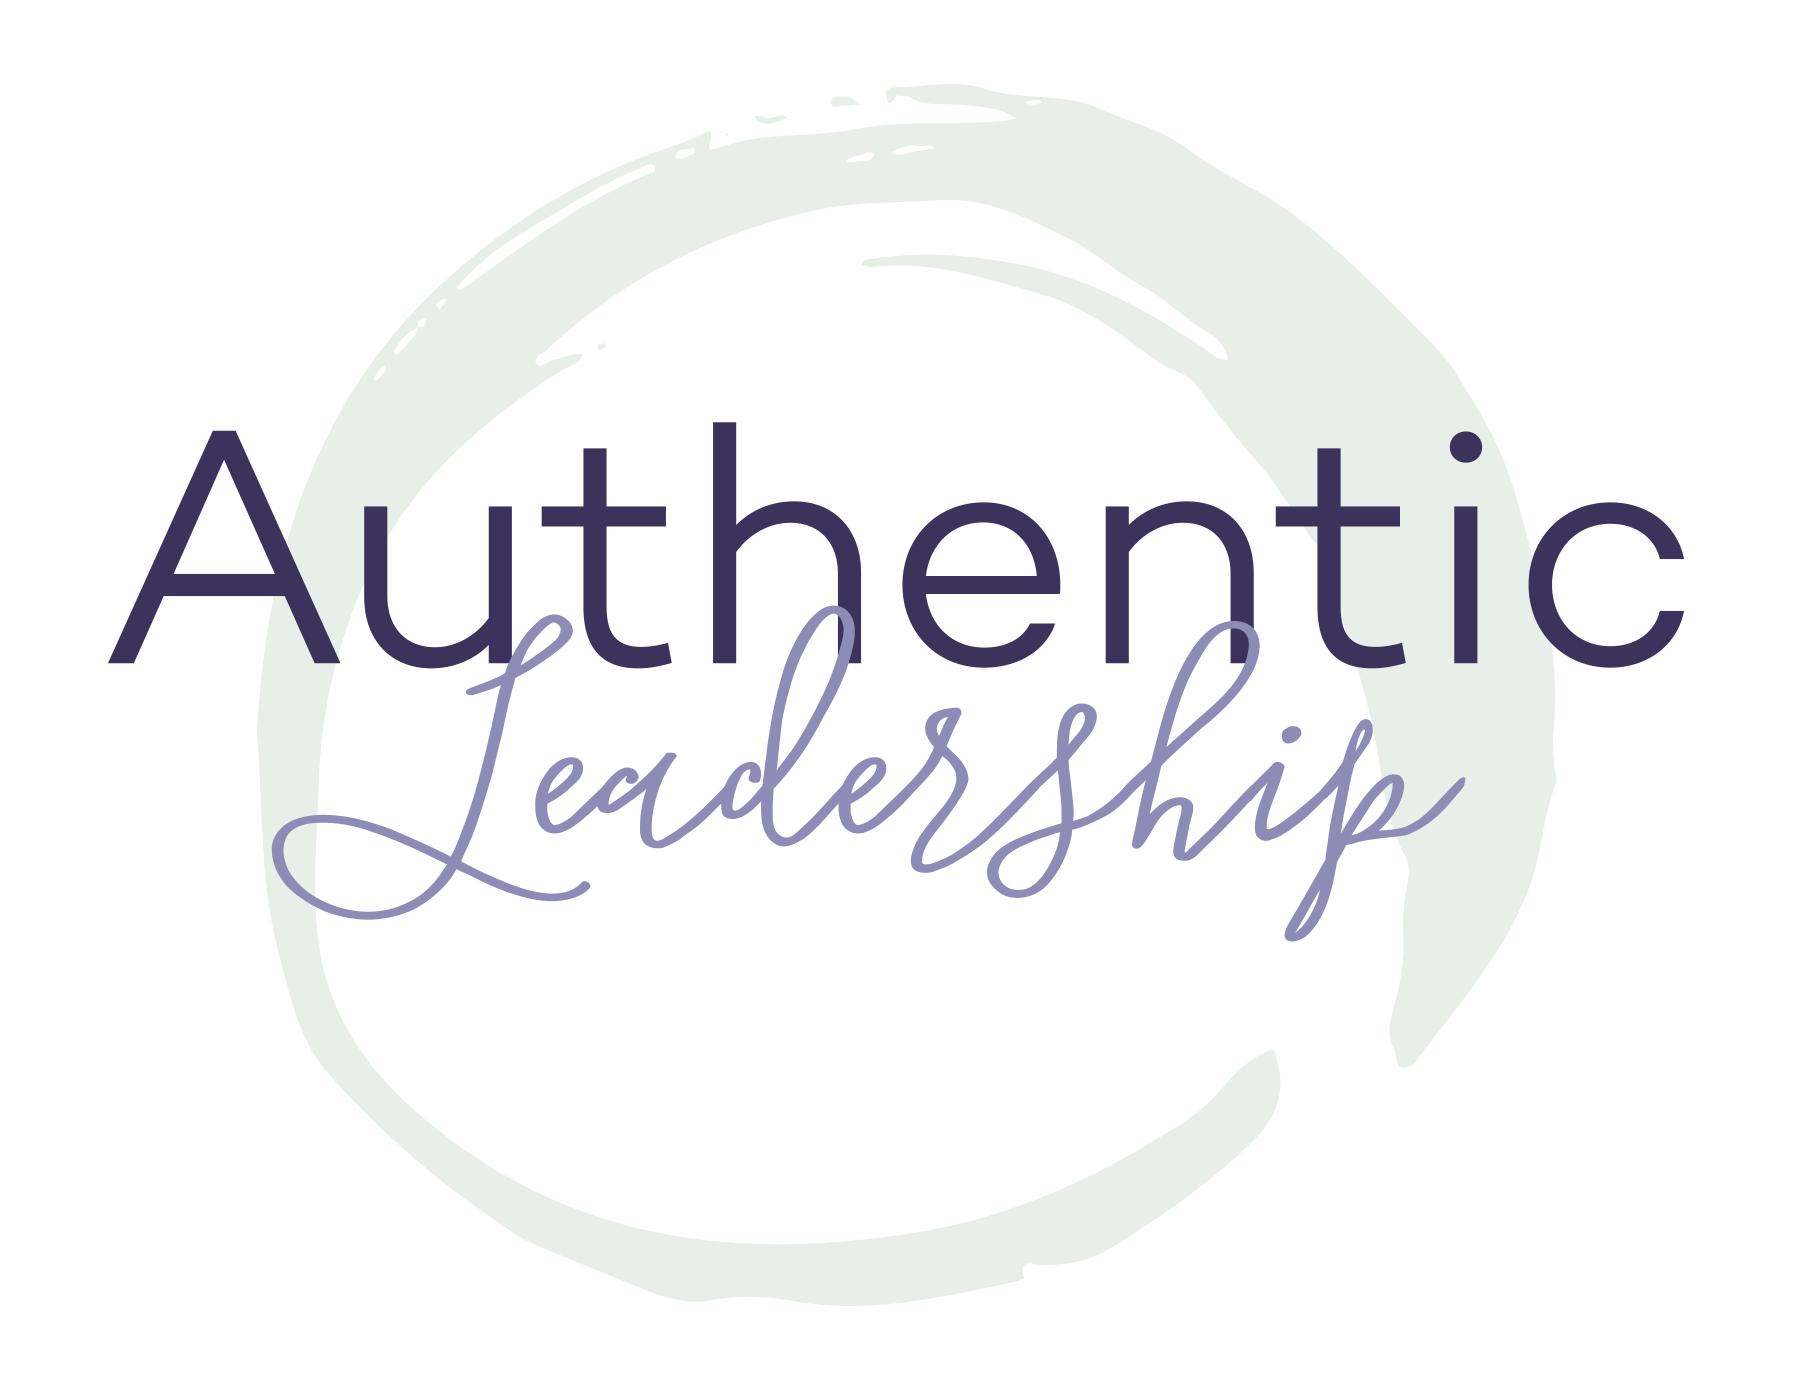 Phong cách lãnh đạo đích thực (Authentic leadership - AL) là gì? - Ảnh 1.